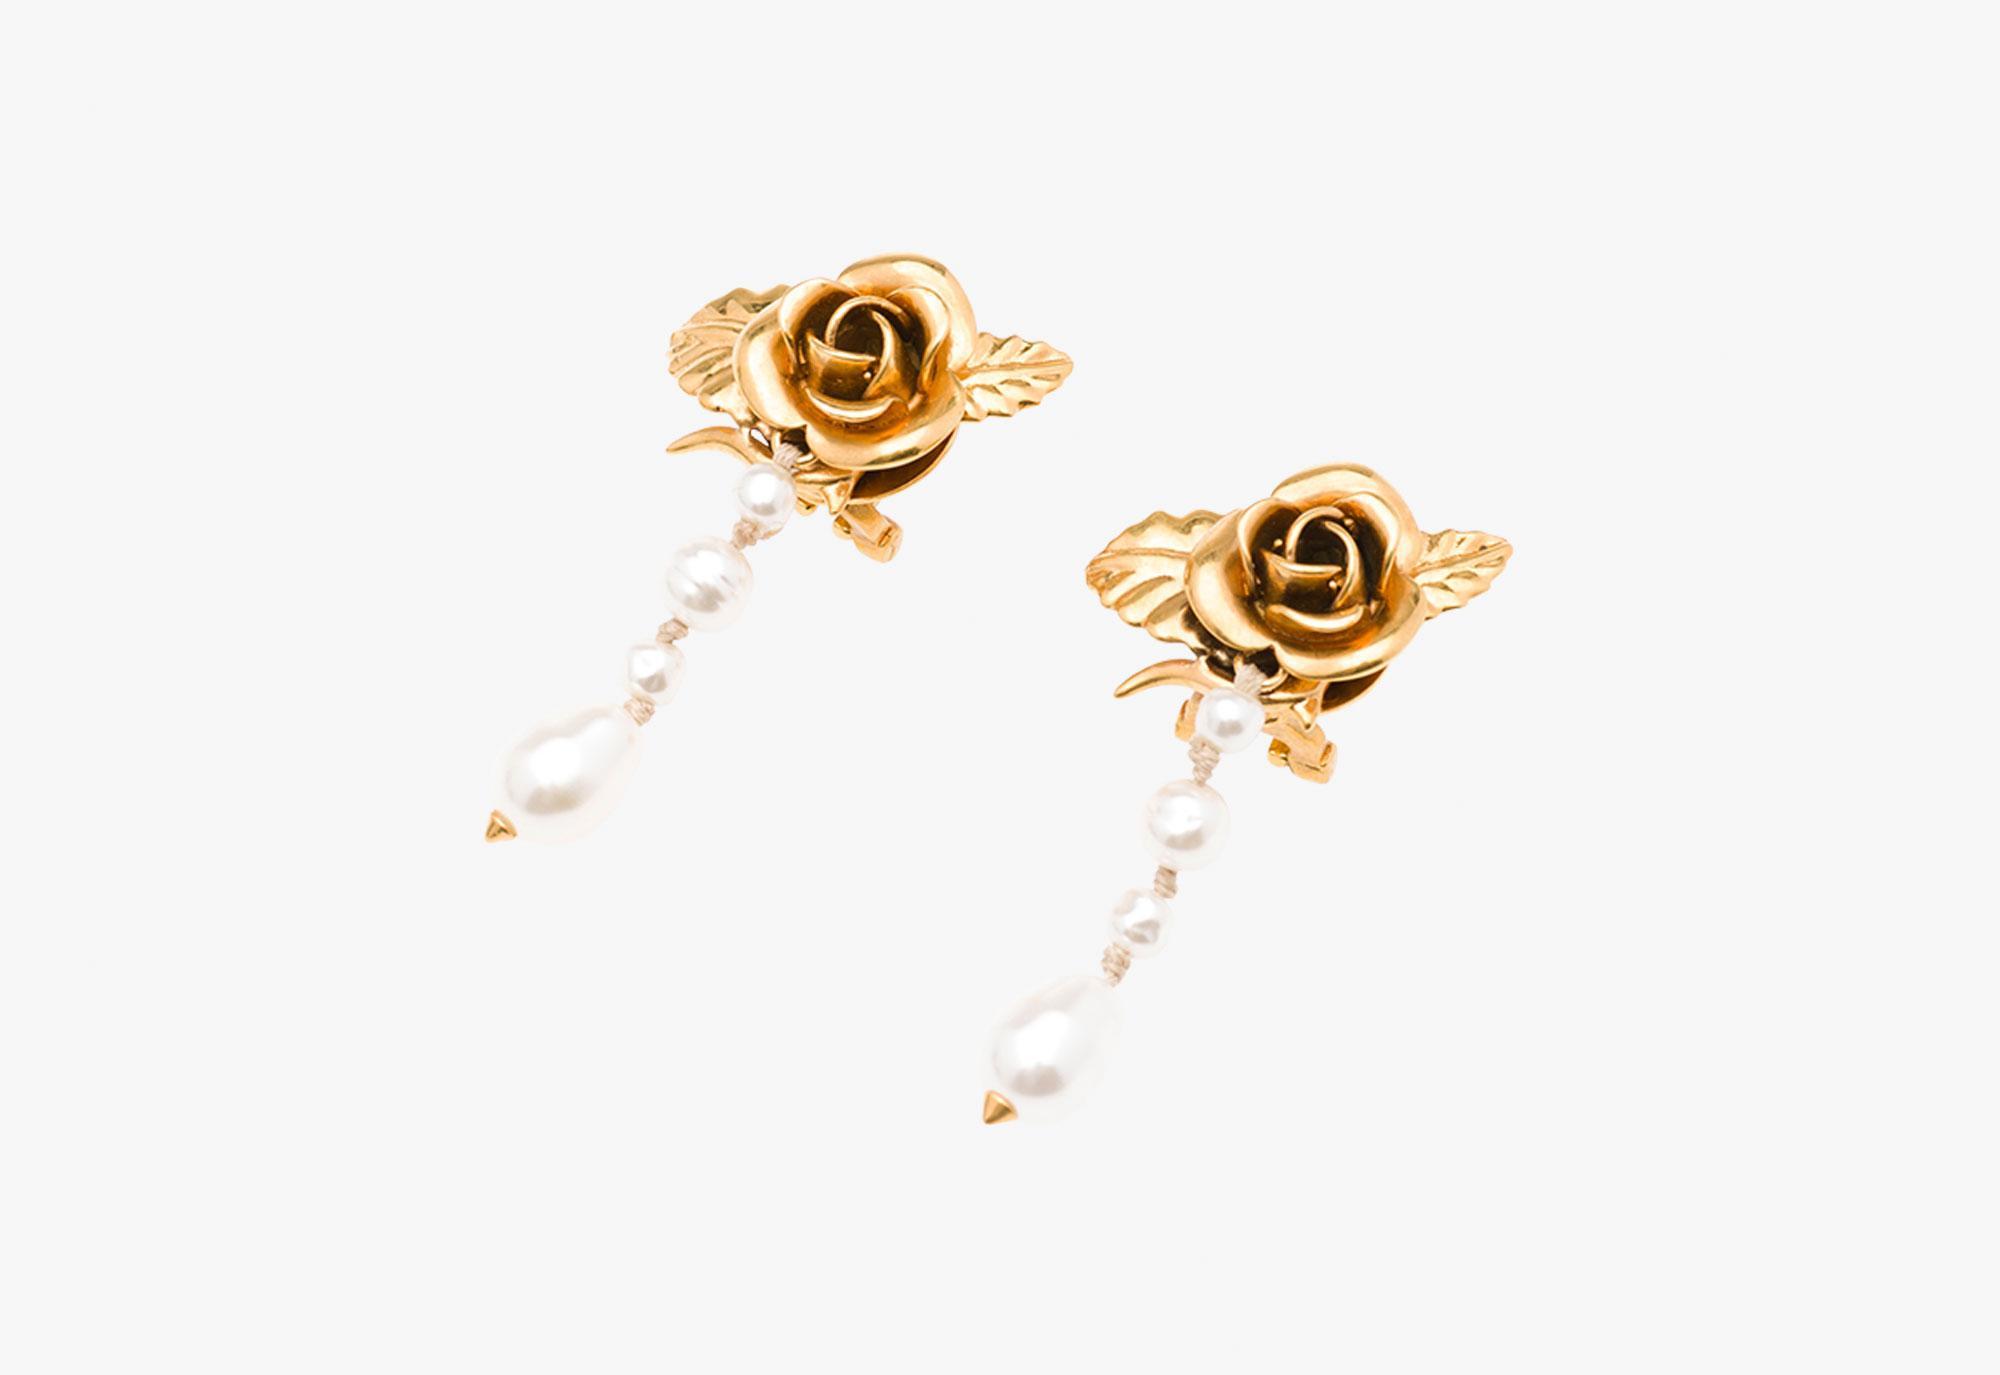 Brass earrings Prada nQyidhH